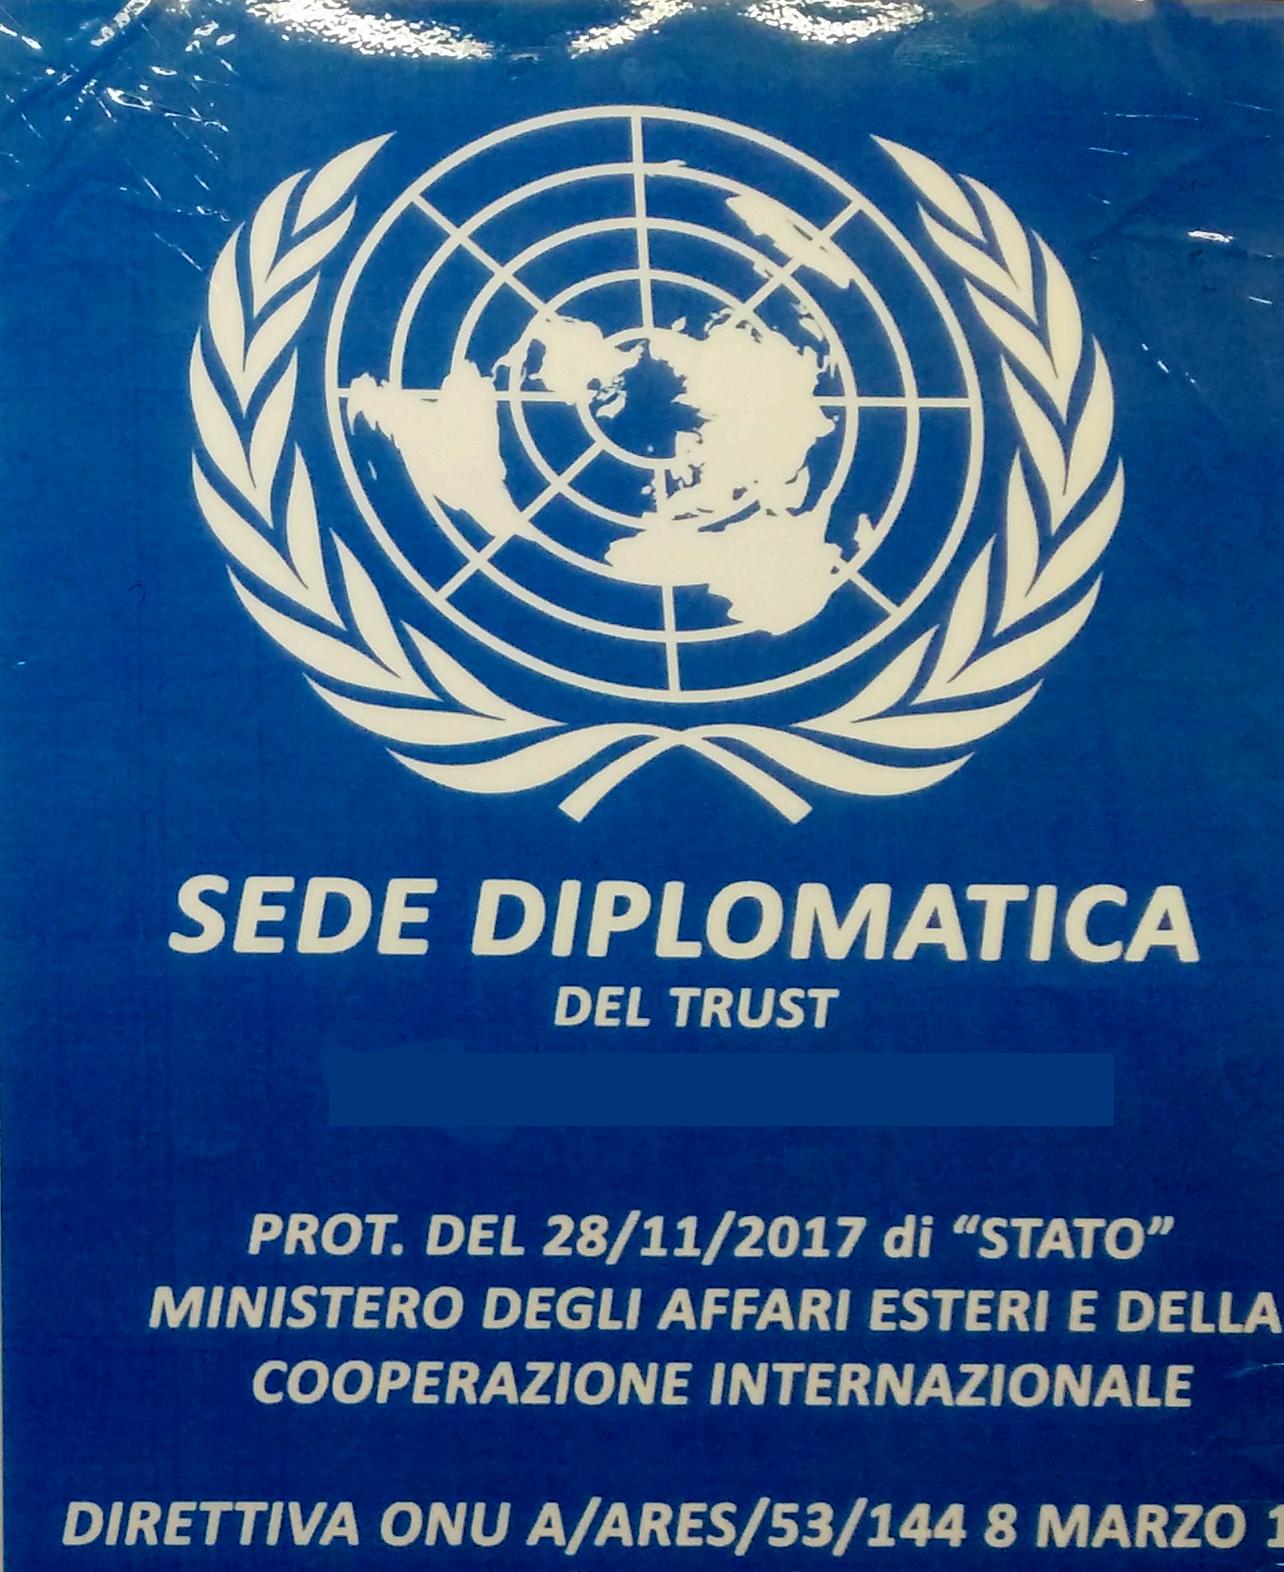 finta-sede-diplomatica-truffa-diego-nicolini-andrea-castellani-2